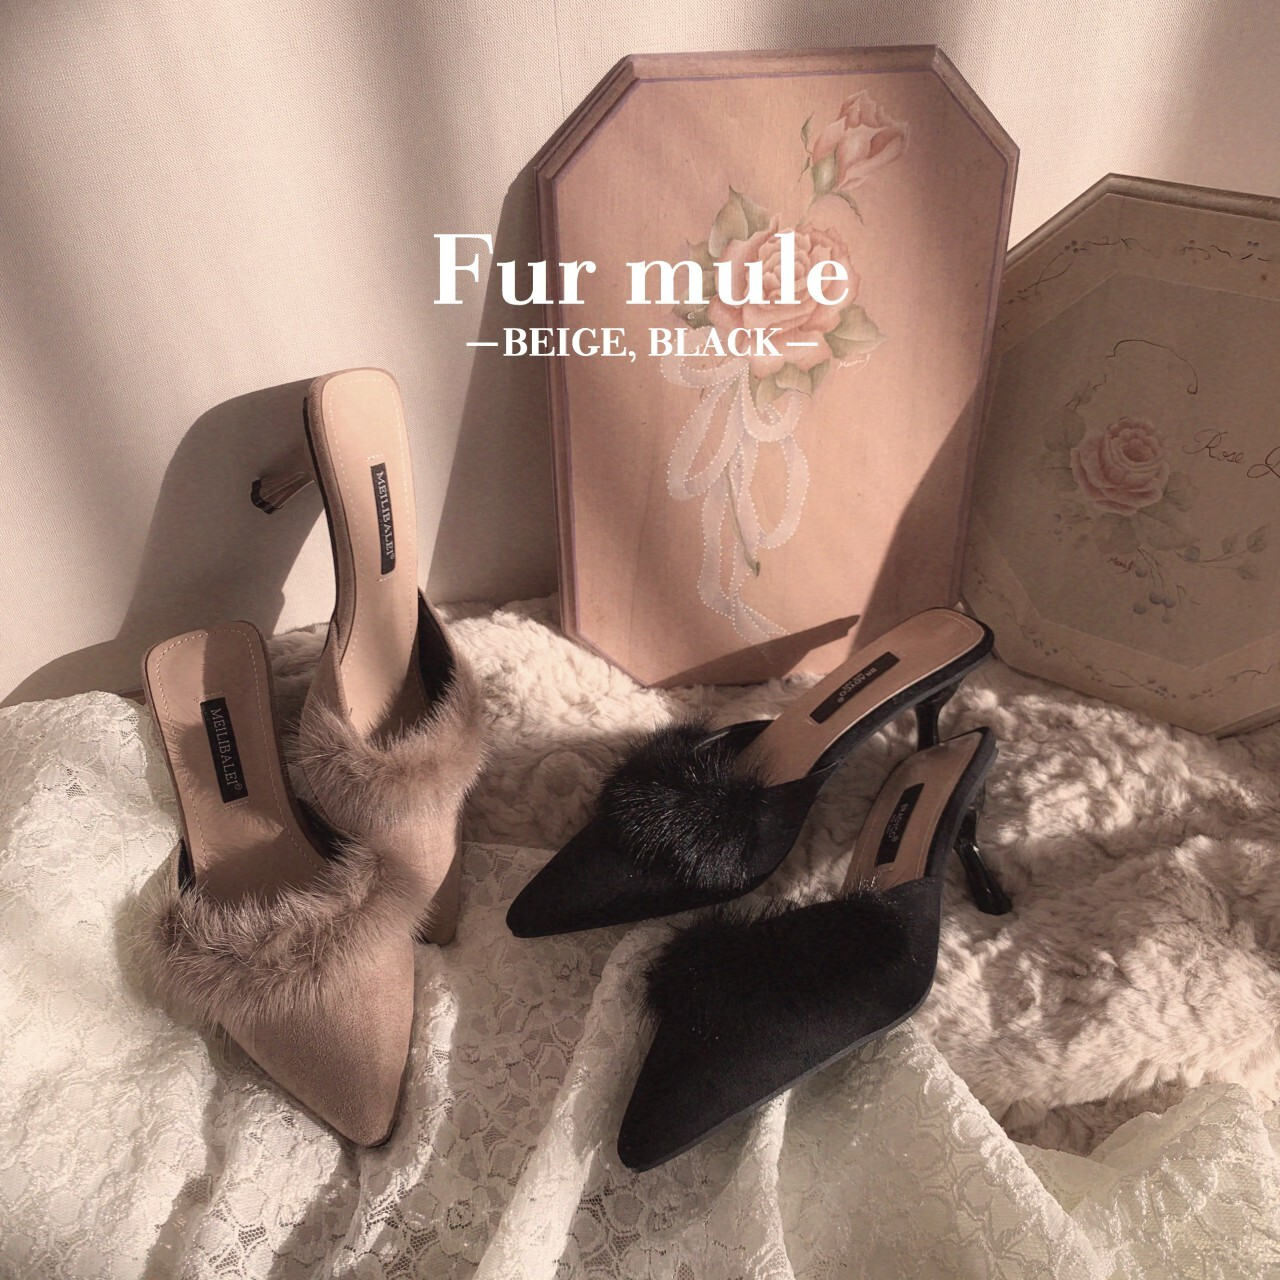 【meltie】fur mule